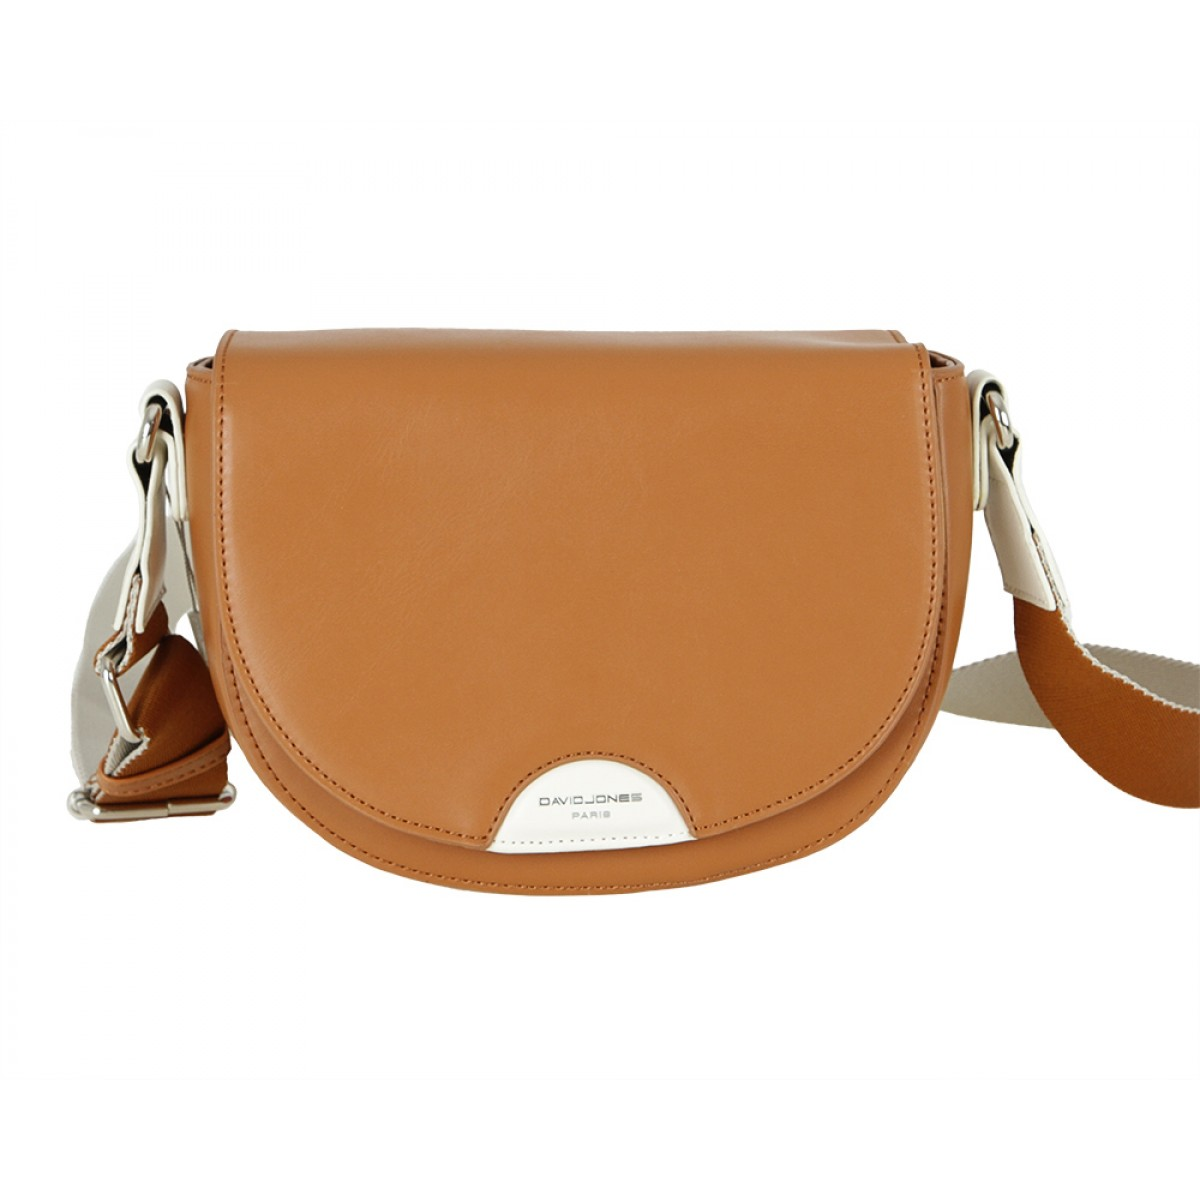 Жіноча сумка David Jones 6251-1 COGNAC